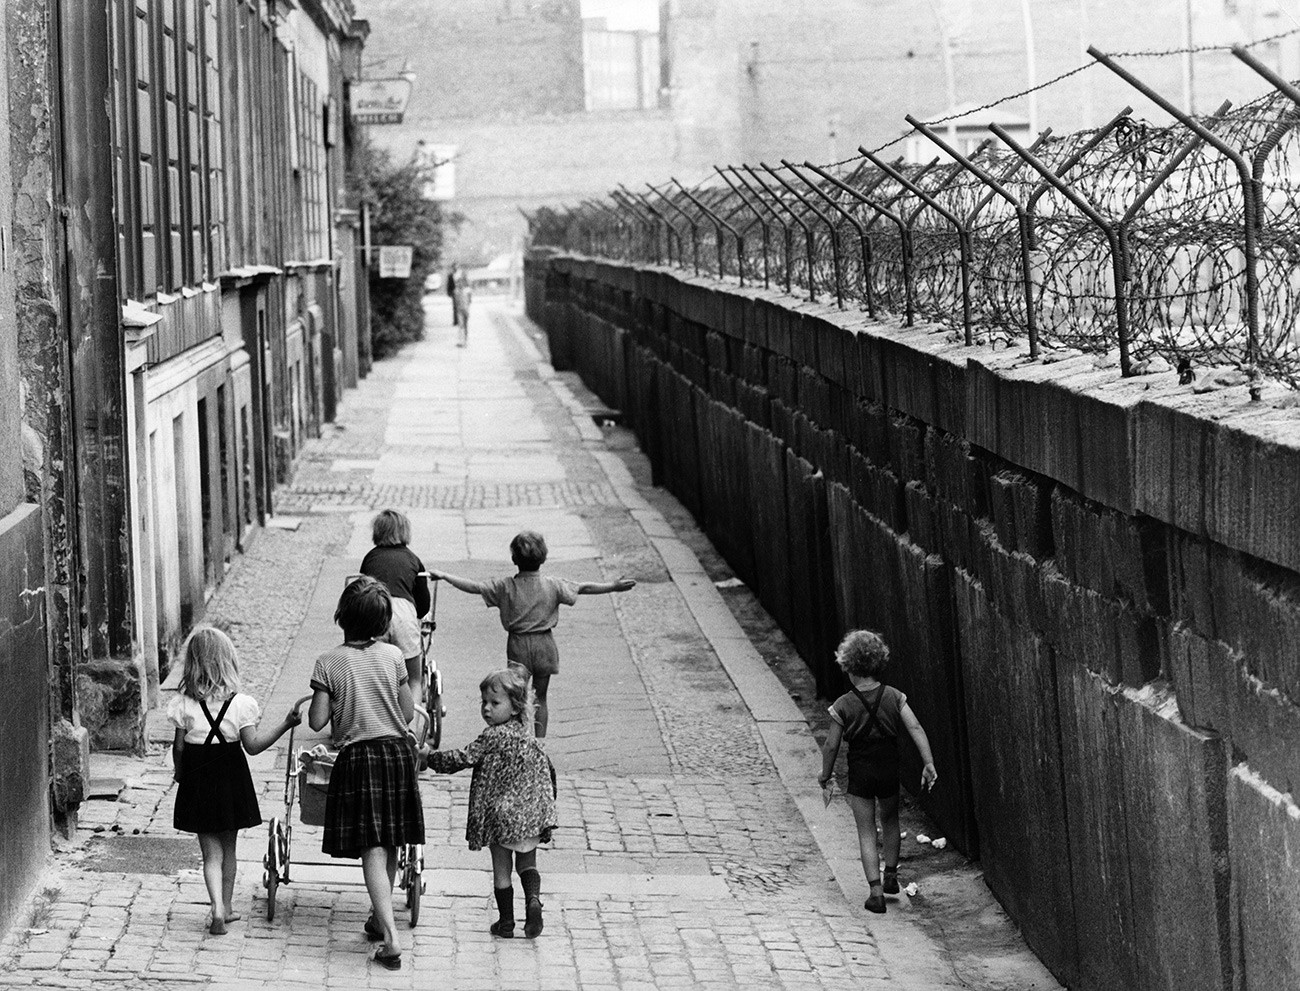 Деца испред Берлинског зида на Себастијанштрасе, Берлин, Кројцберг, око 1964.